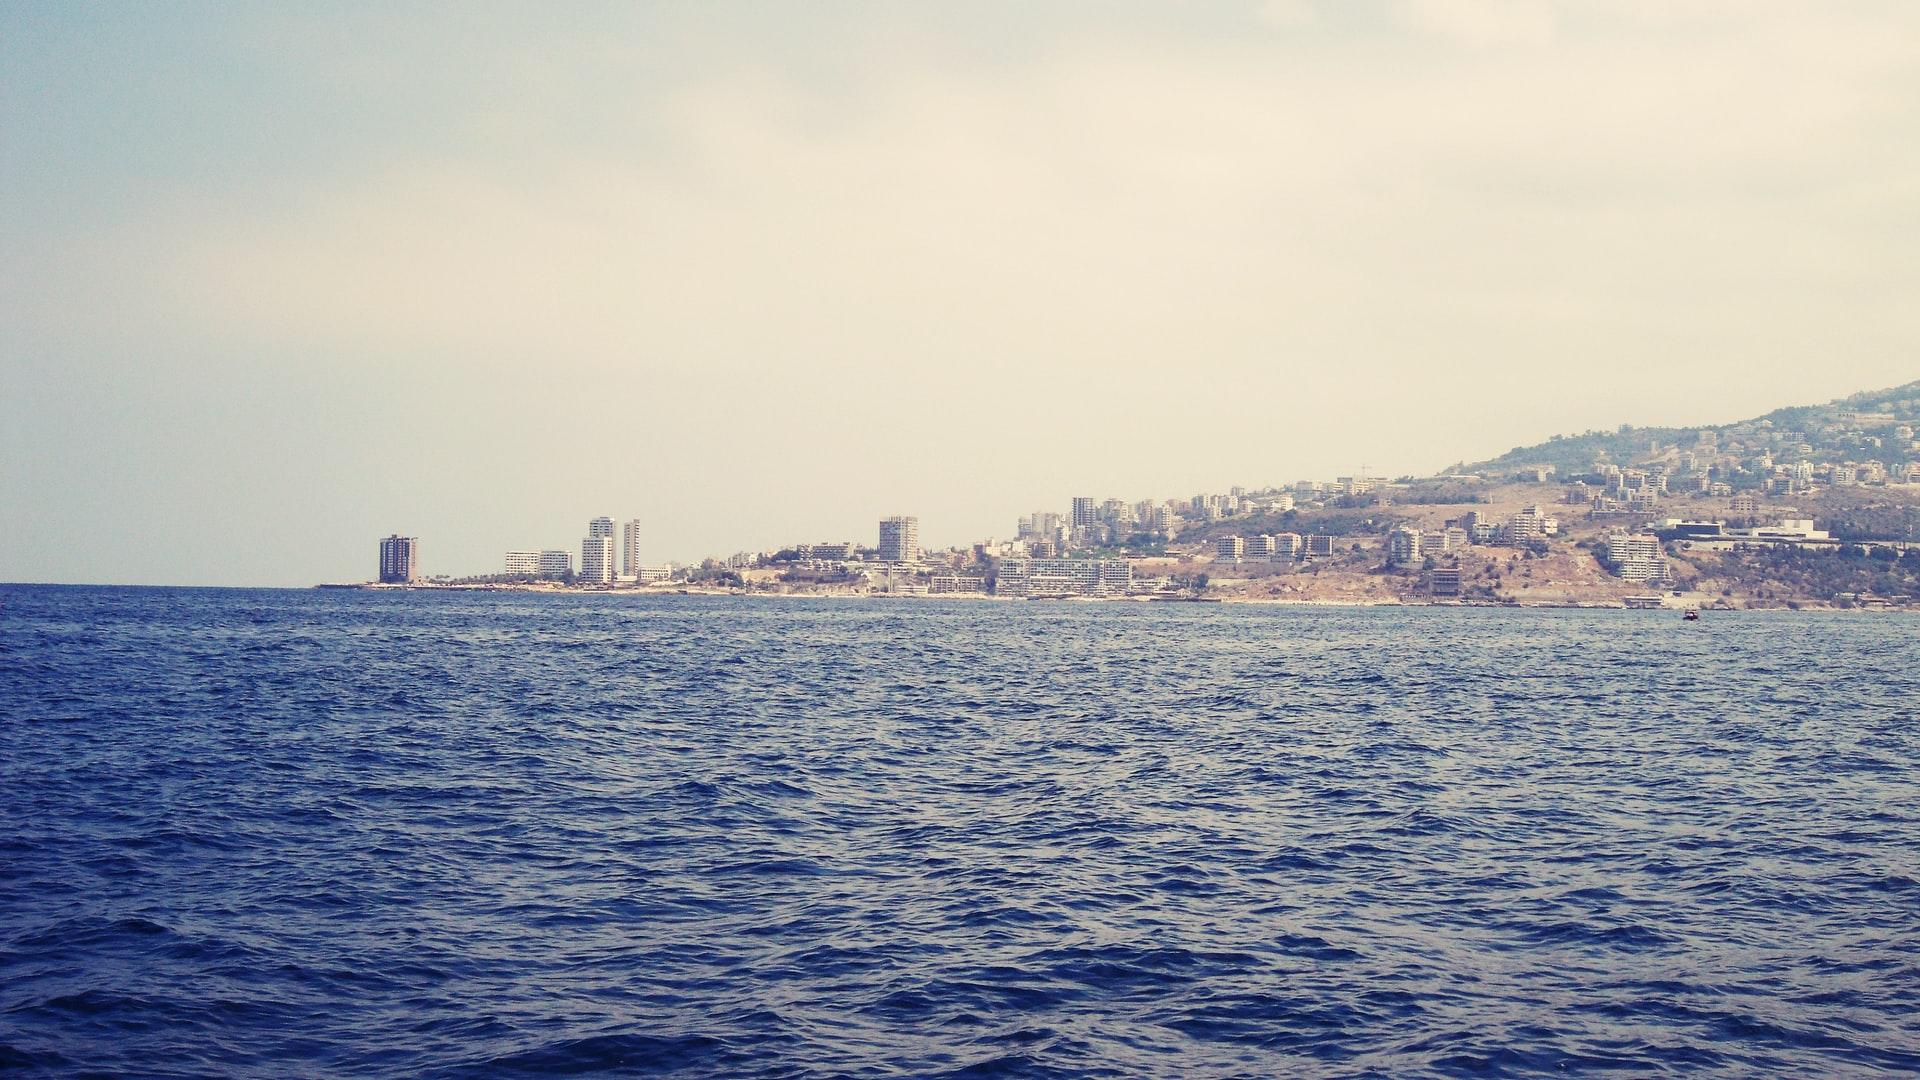 Crisi Economica Libano